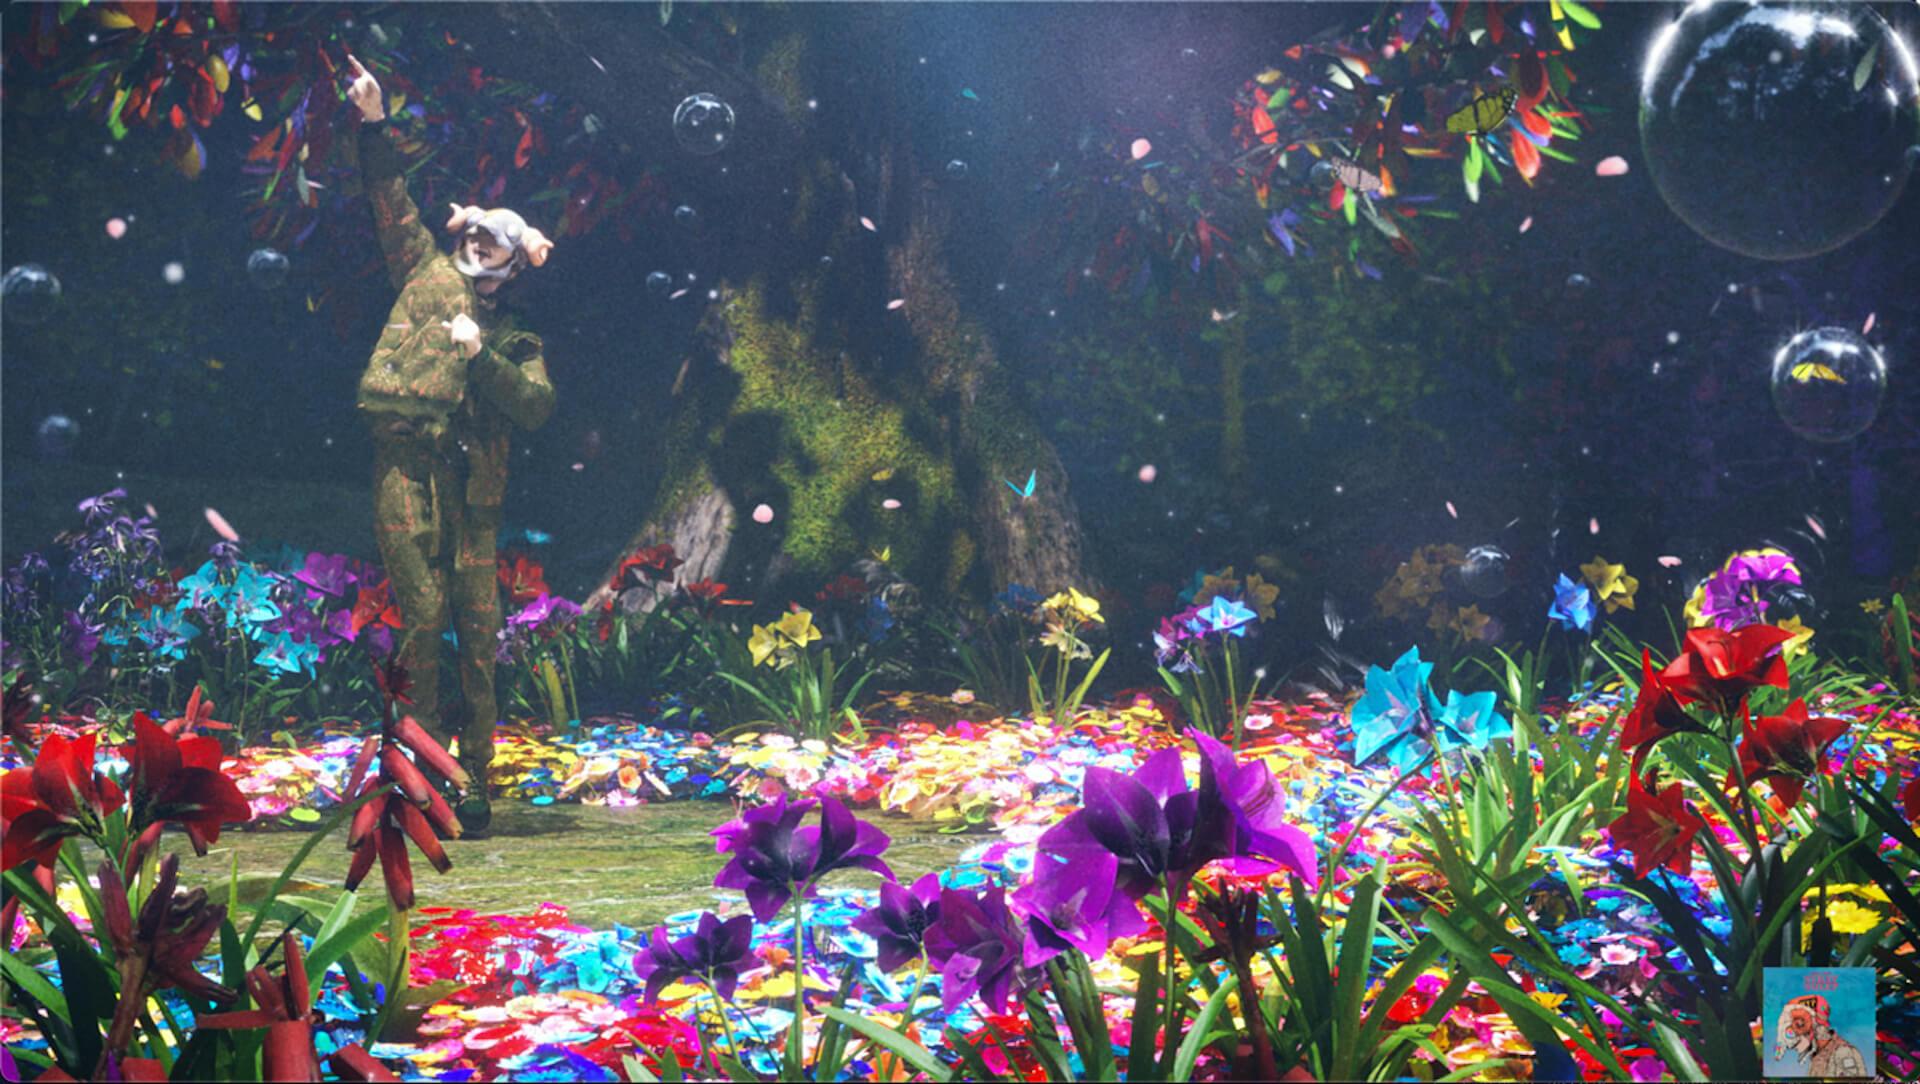 米津玄師『STRAY SHEEP』が2020年の音楽シーンを席巻!22冠達成で『フォートナイト』でのライブ映像を使用した新CMも放送開始 music201221_yonezukenshi_7